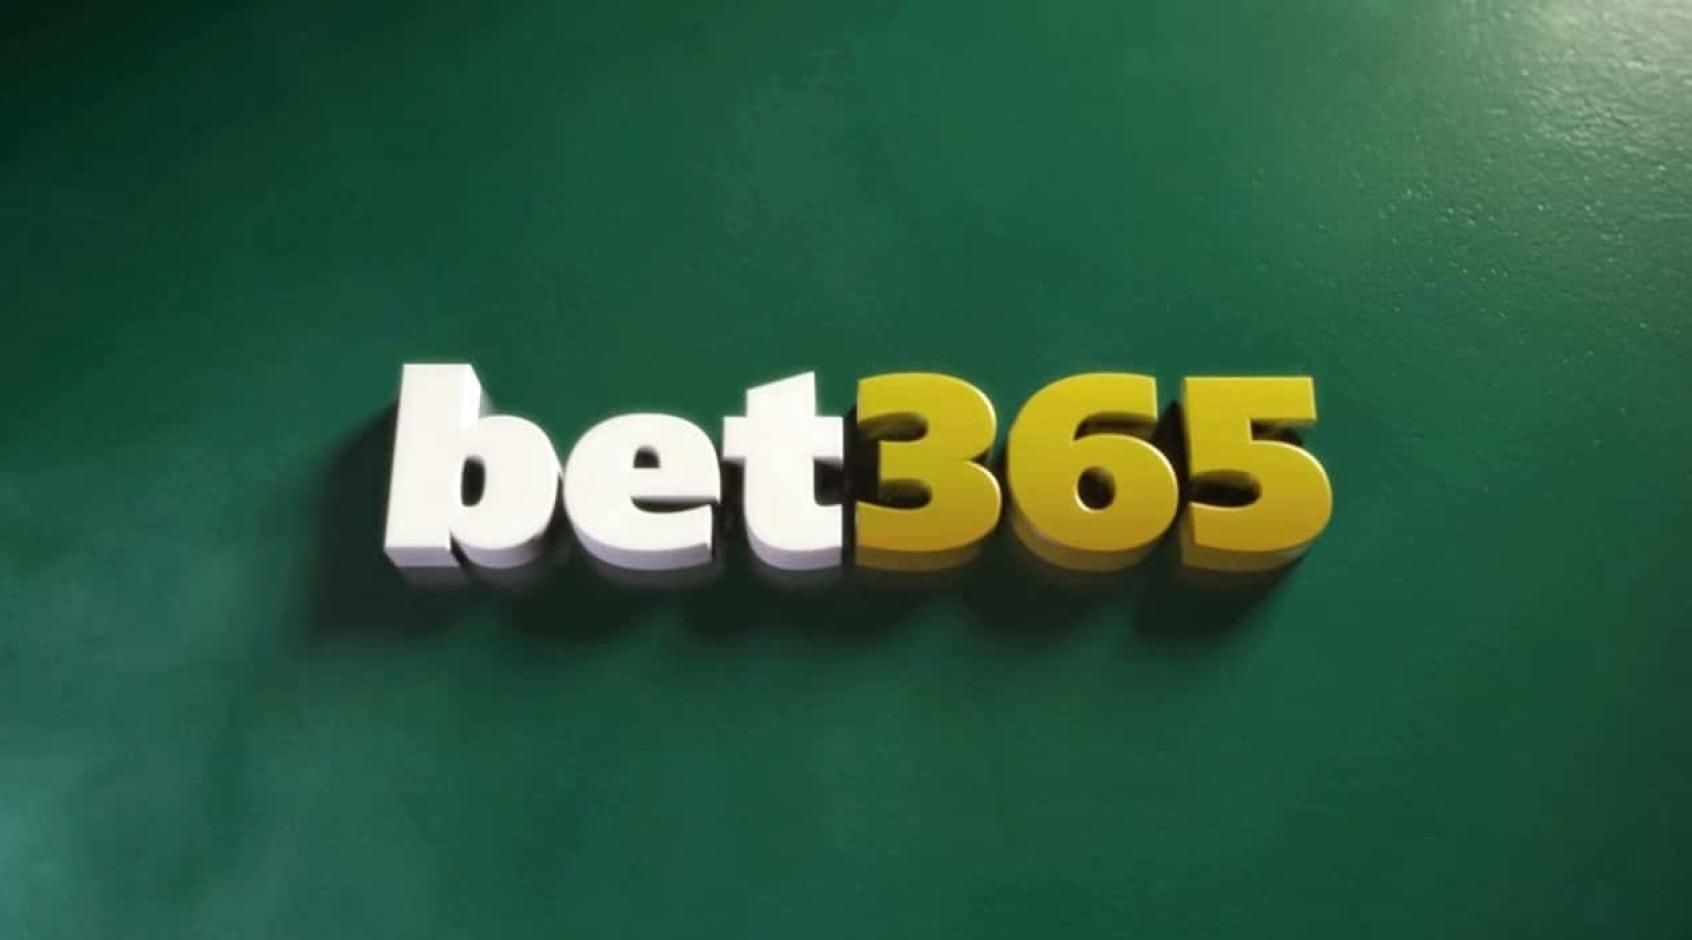 Bet365 запустила русскоязычную версию сайта